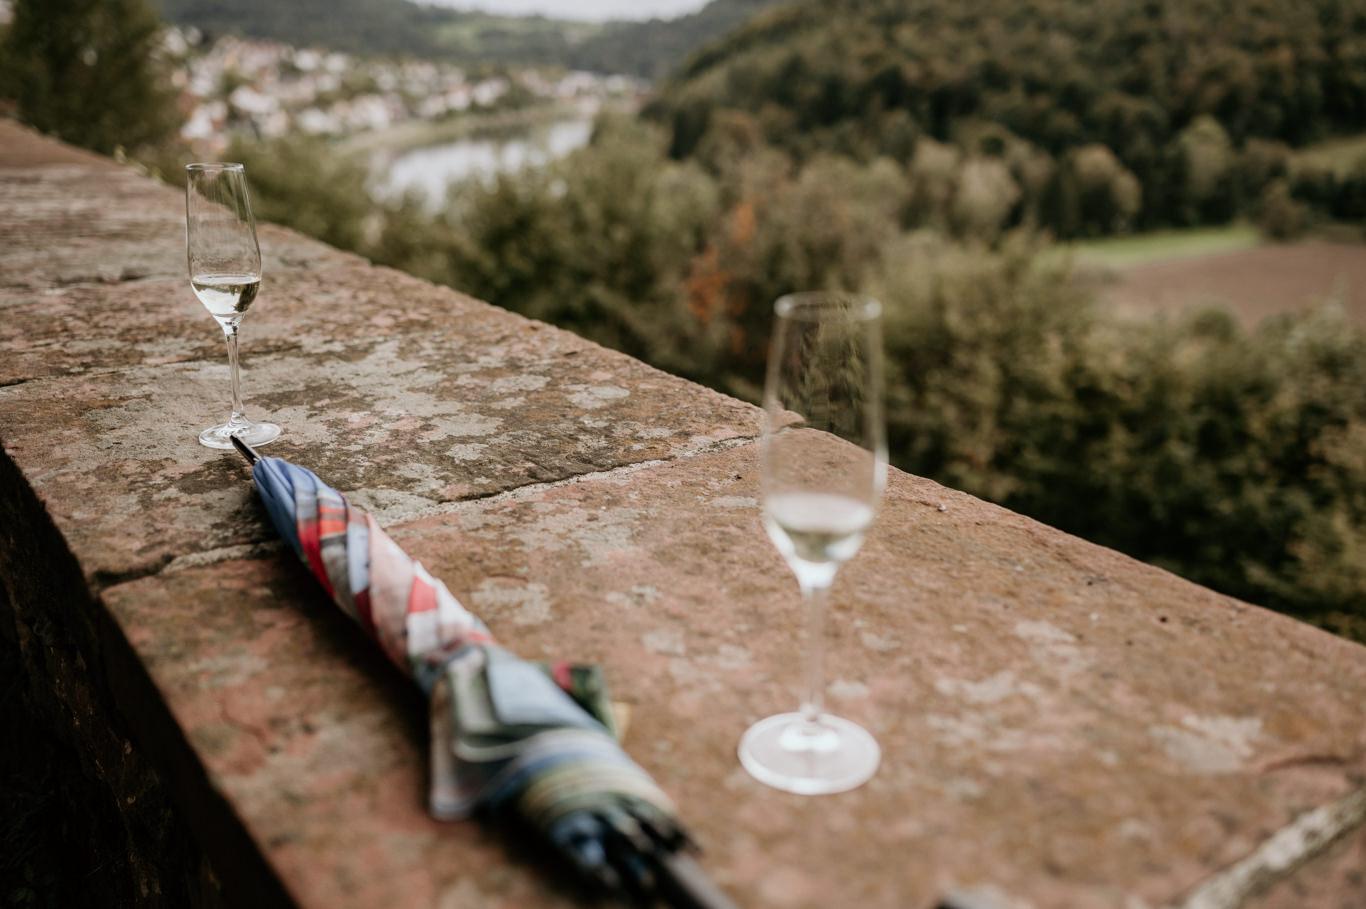 Hochzeitsfotograf Mittelburg Neckarsteinach Hochzeitsfotos Fotograf Hochzeit Boho Hoher Darsberg Bilder Fotos Hochzeitsfotografin